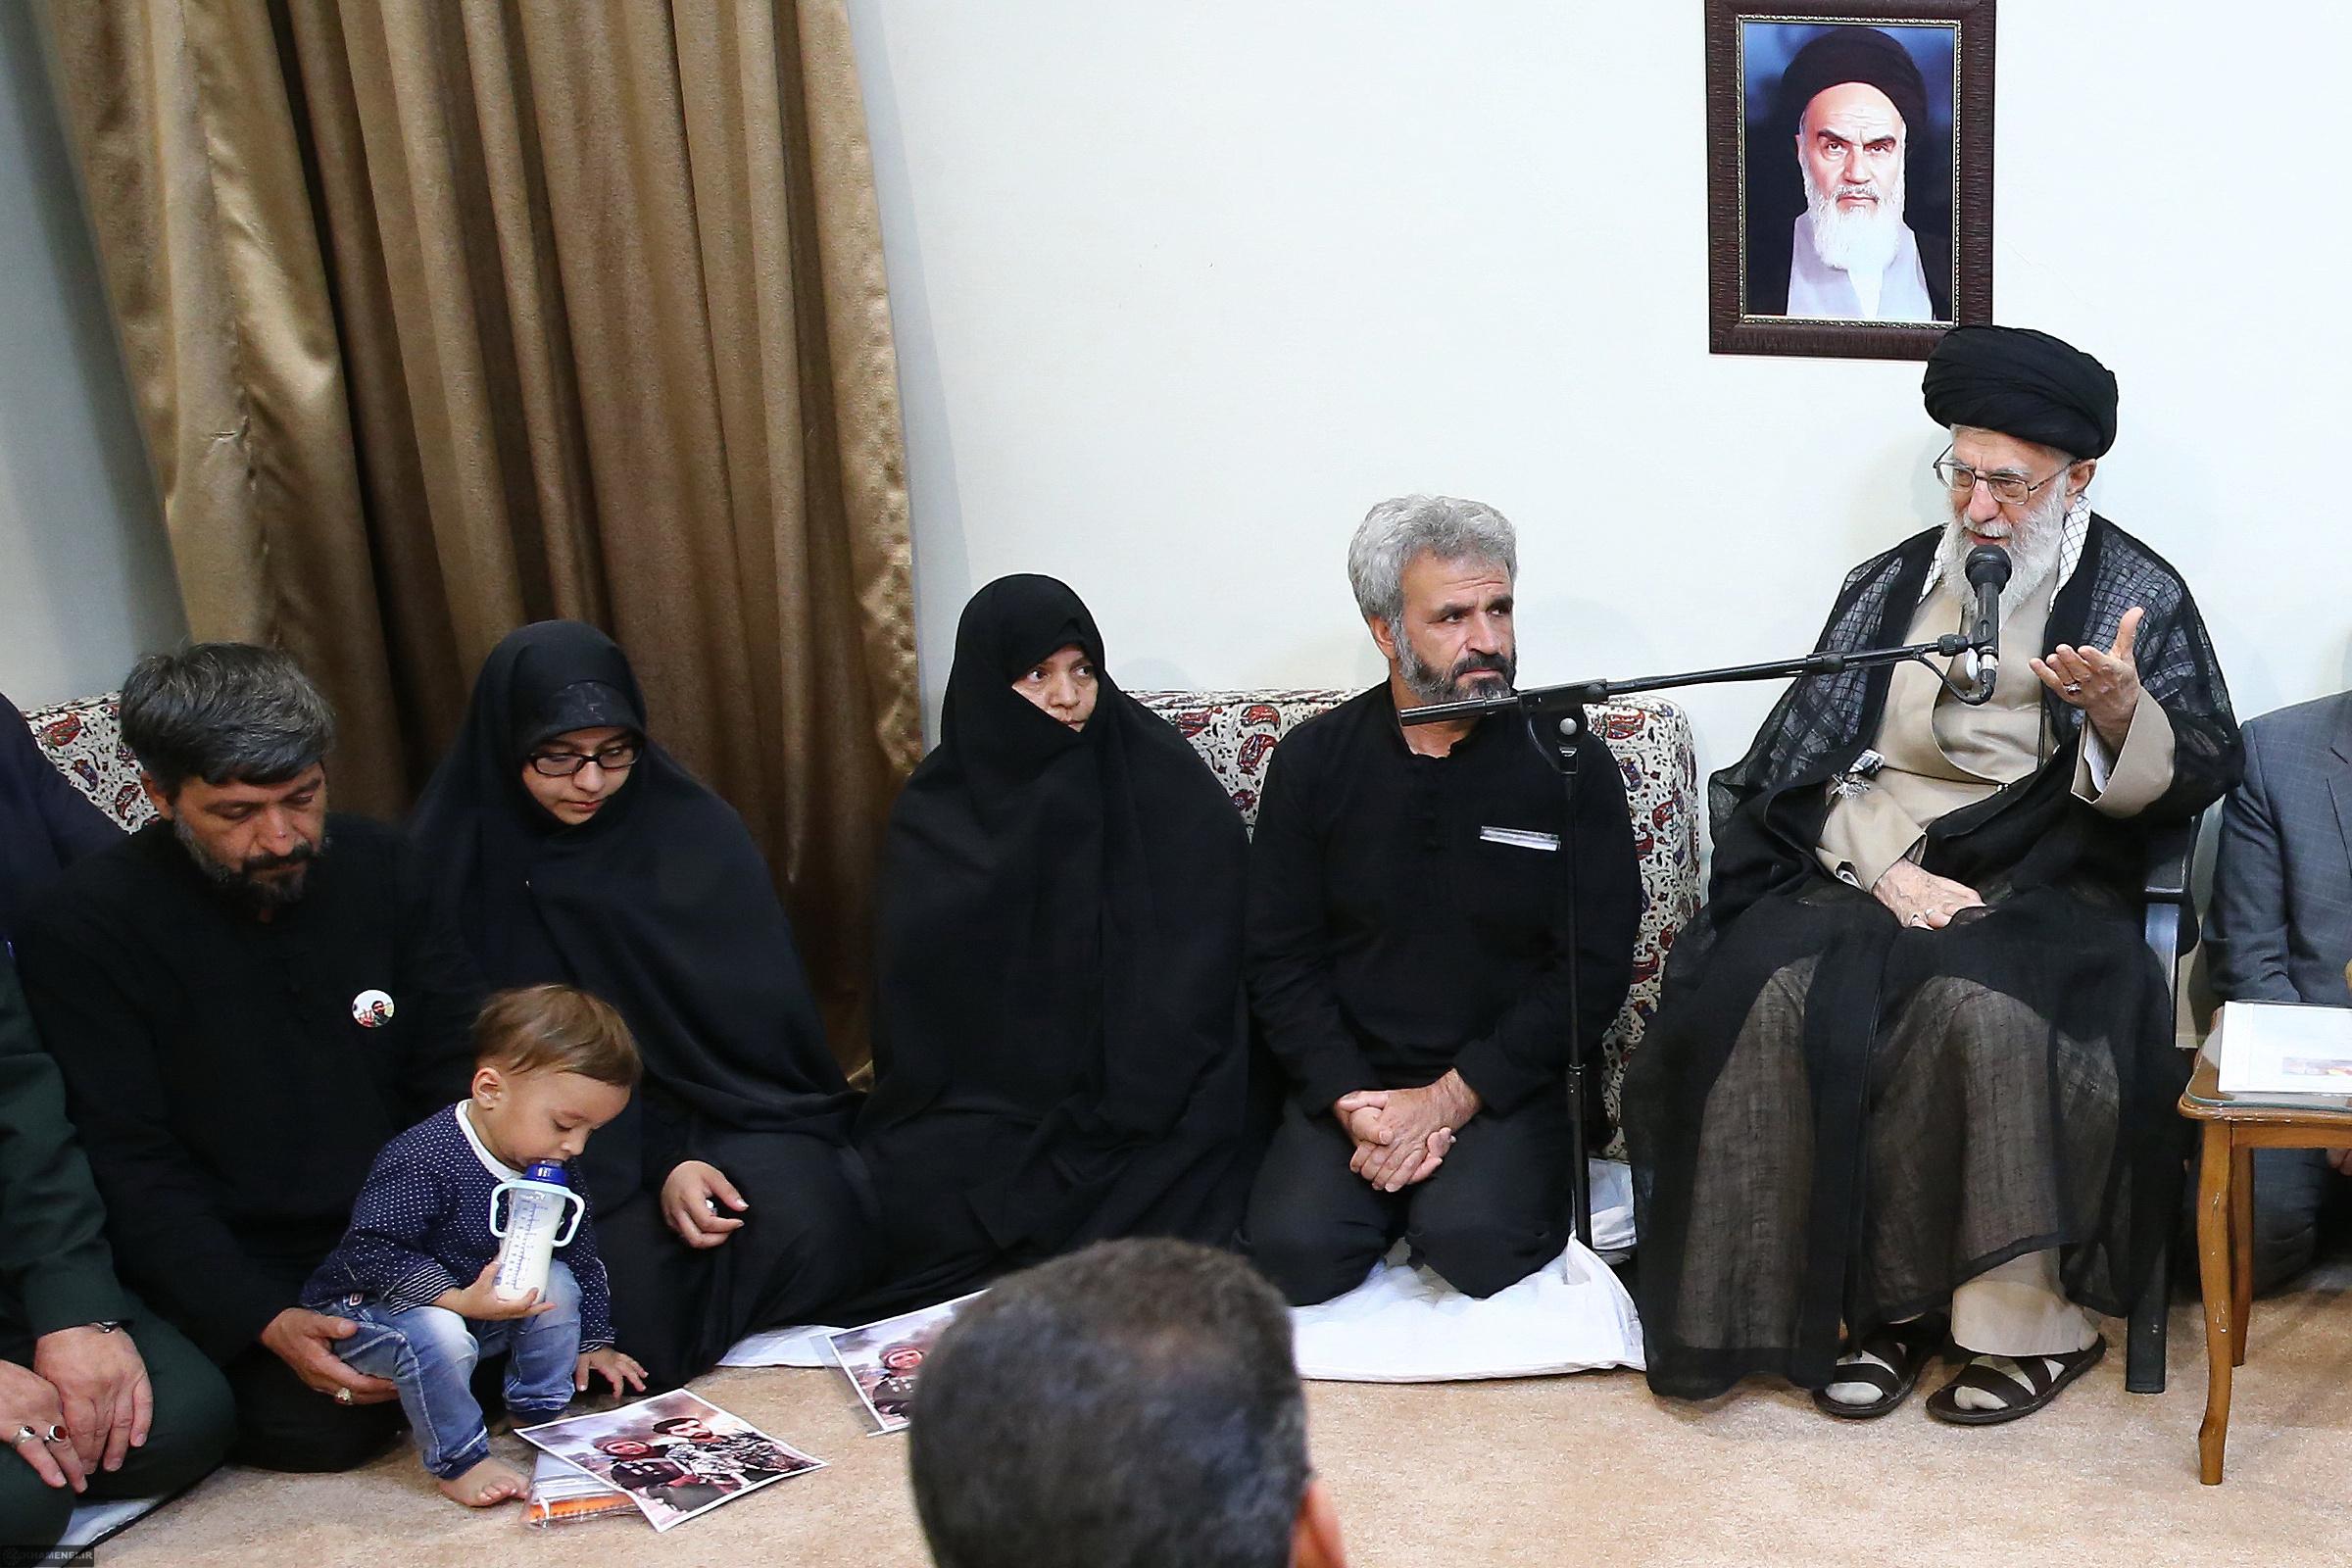 تجلیل مجازی از خانواده شهید حججی در نجف آباد